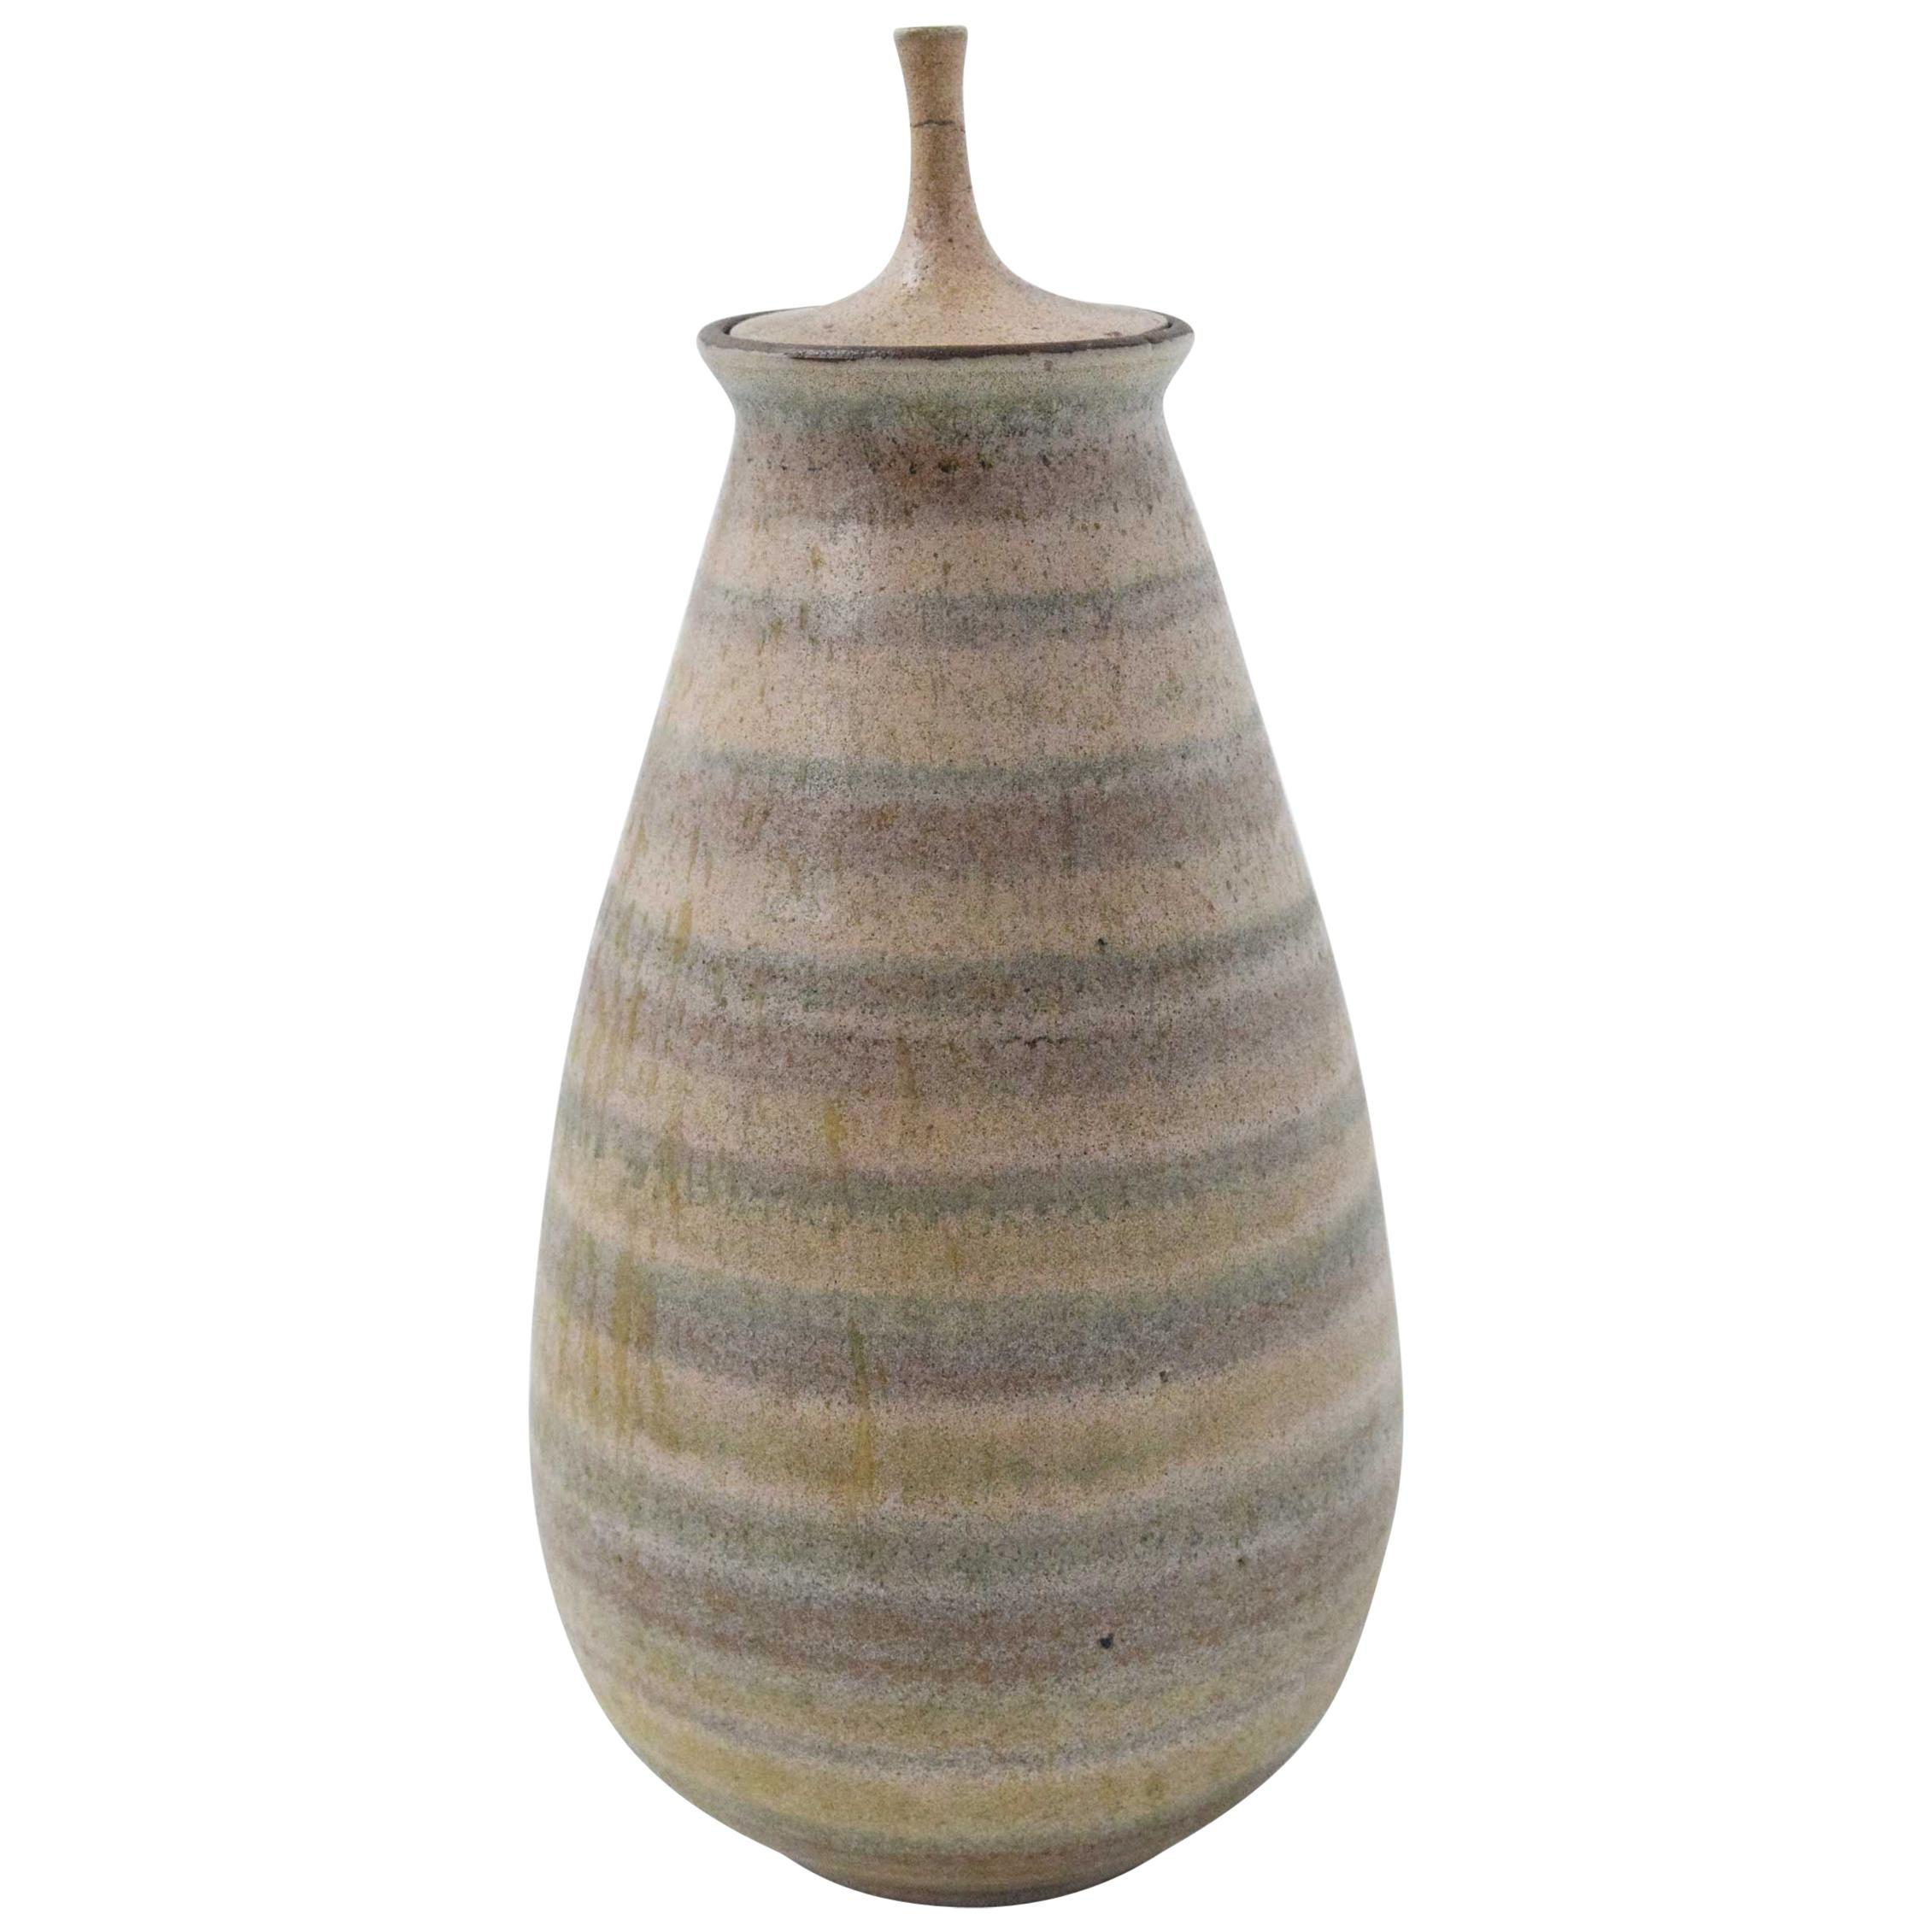 Clyde Burt Ceramic Vase with Lid